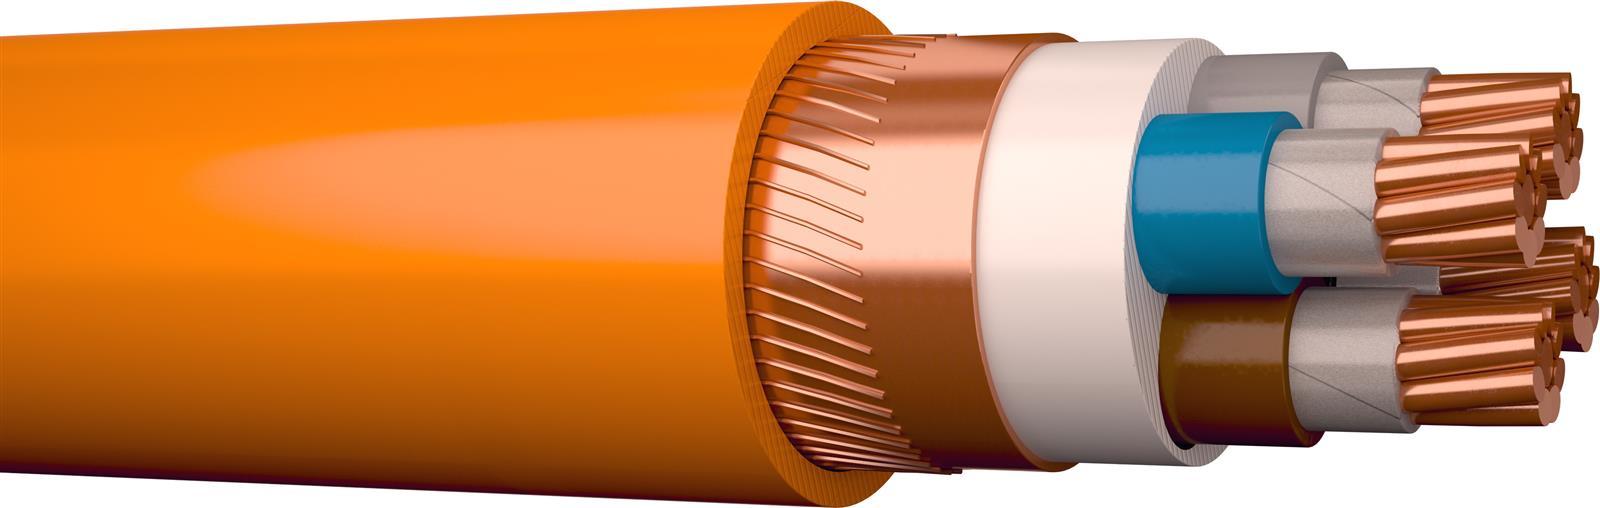 FRHF-EMC 4X185/95 T250